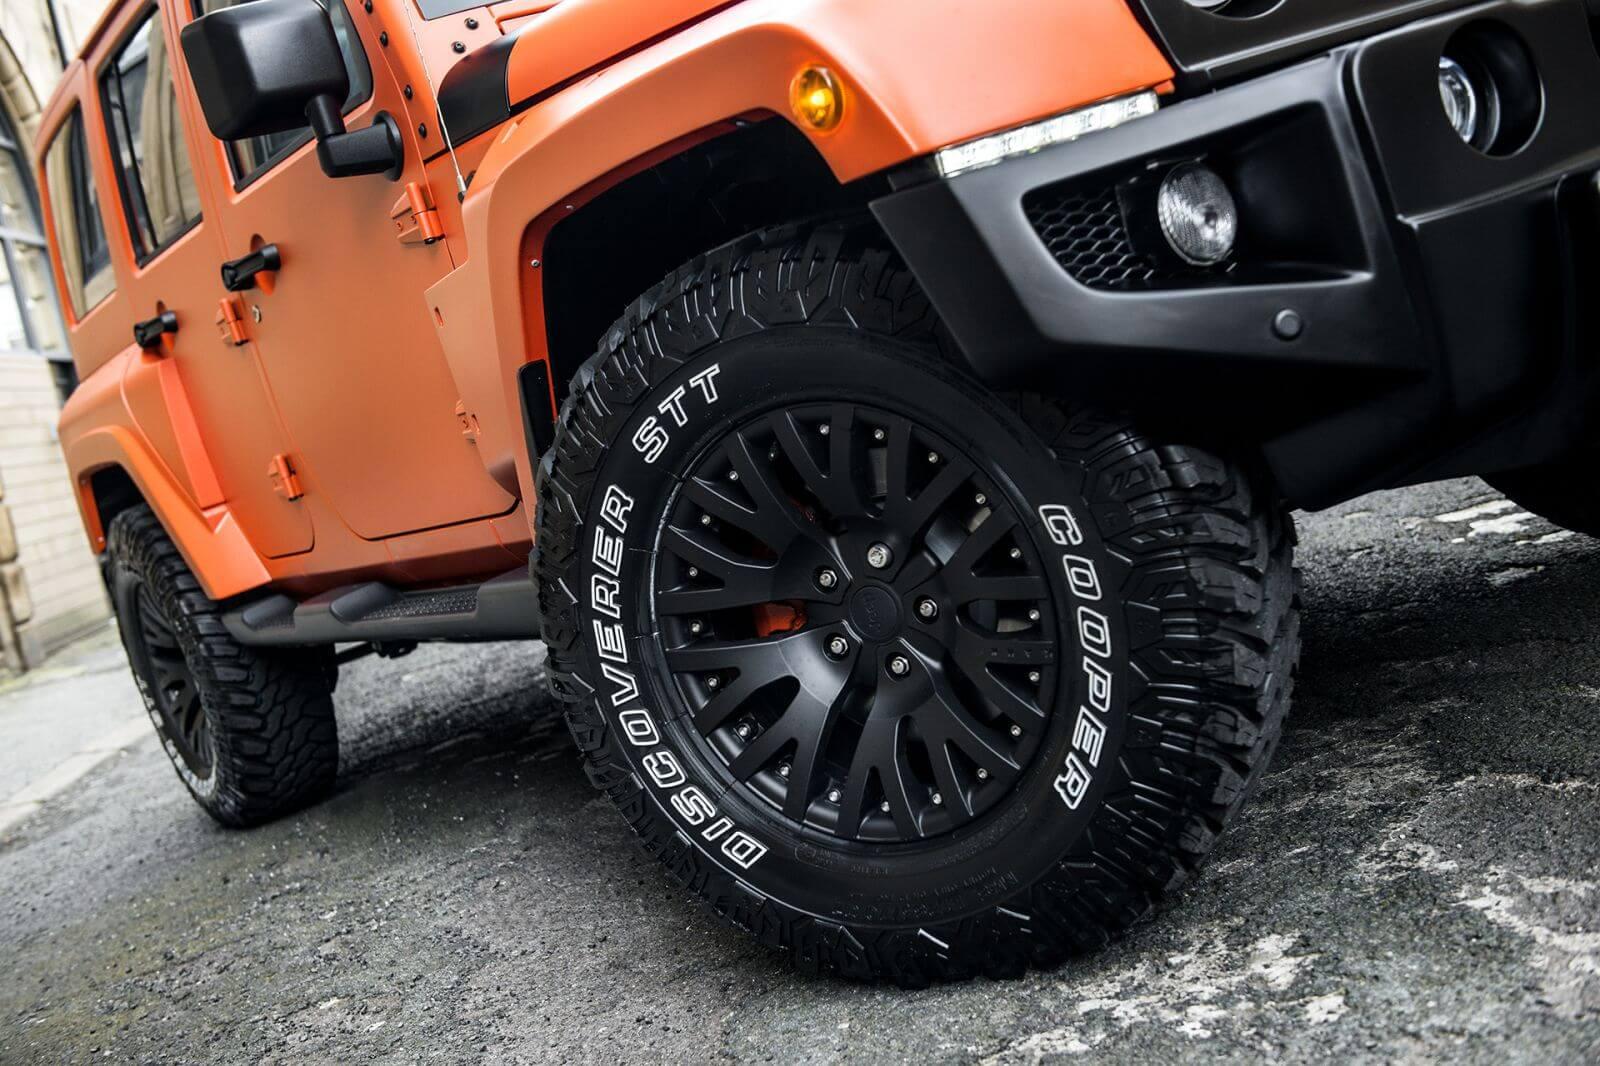 Chelsea-Truck-Co-Orange-Cooper-Discoverer-STT.jpg